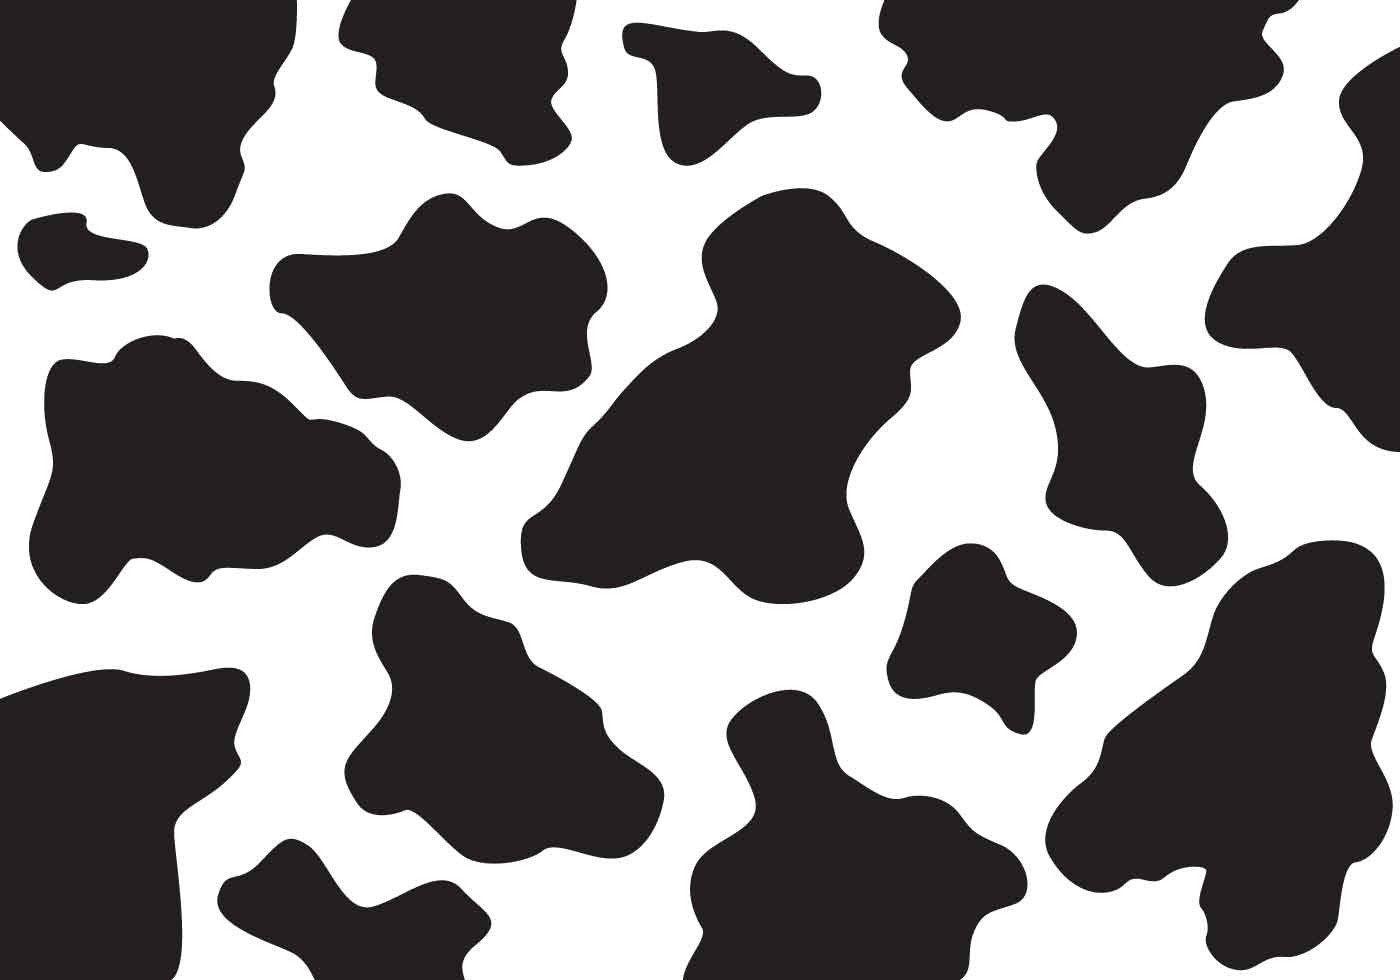 Printable Cow Spots Cow Print Background Vector Download Free Vector Ar In 2020 Desktop Wallpaper Art Computer Wallpaper Desktop Wallpapers Aesthetic Desktop Wallpaper